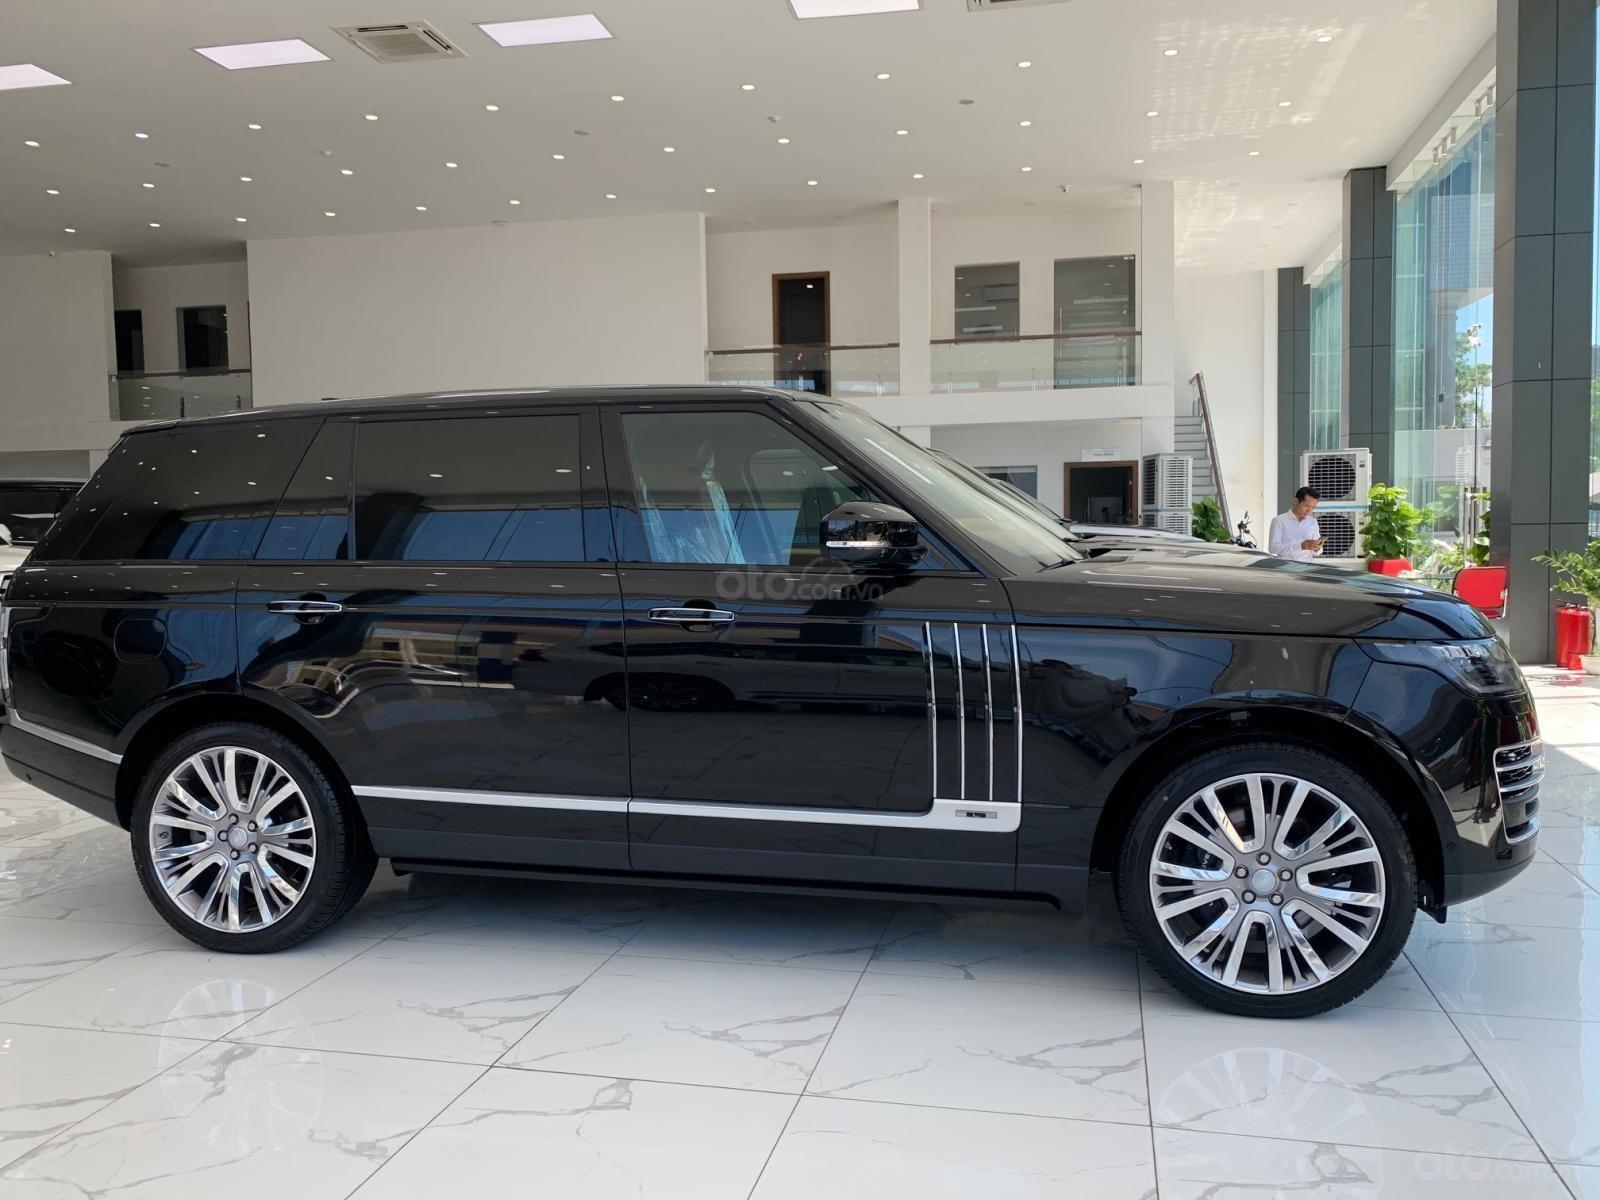 BánRange Rover SV autobiography L 2021, phiên bản cao cấp nhất của Land Rover năm sản xuất 2021 (12)